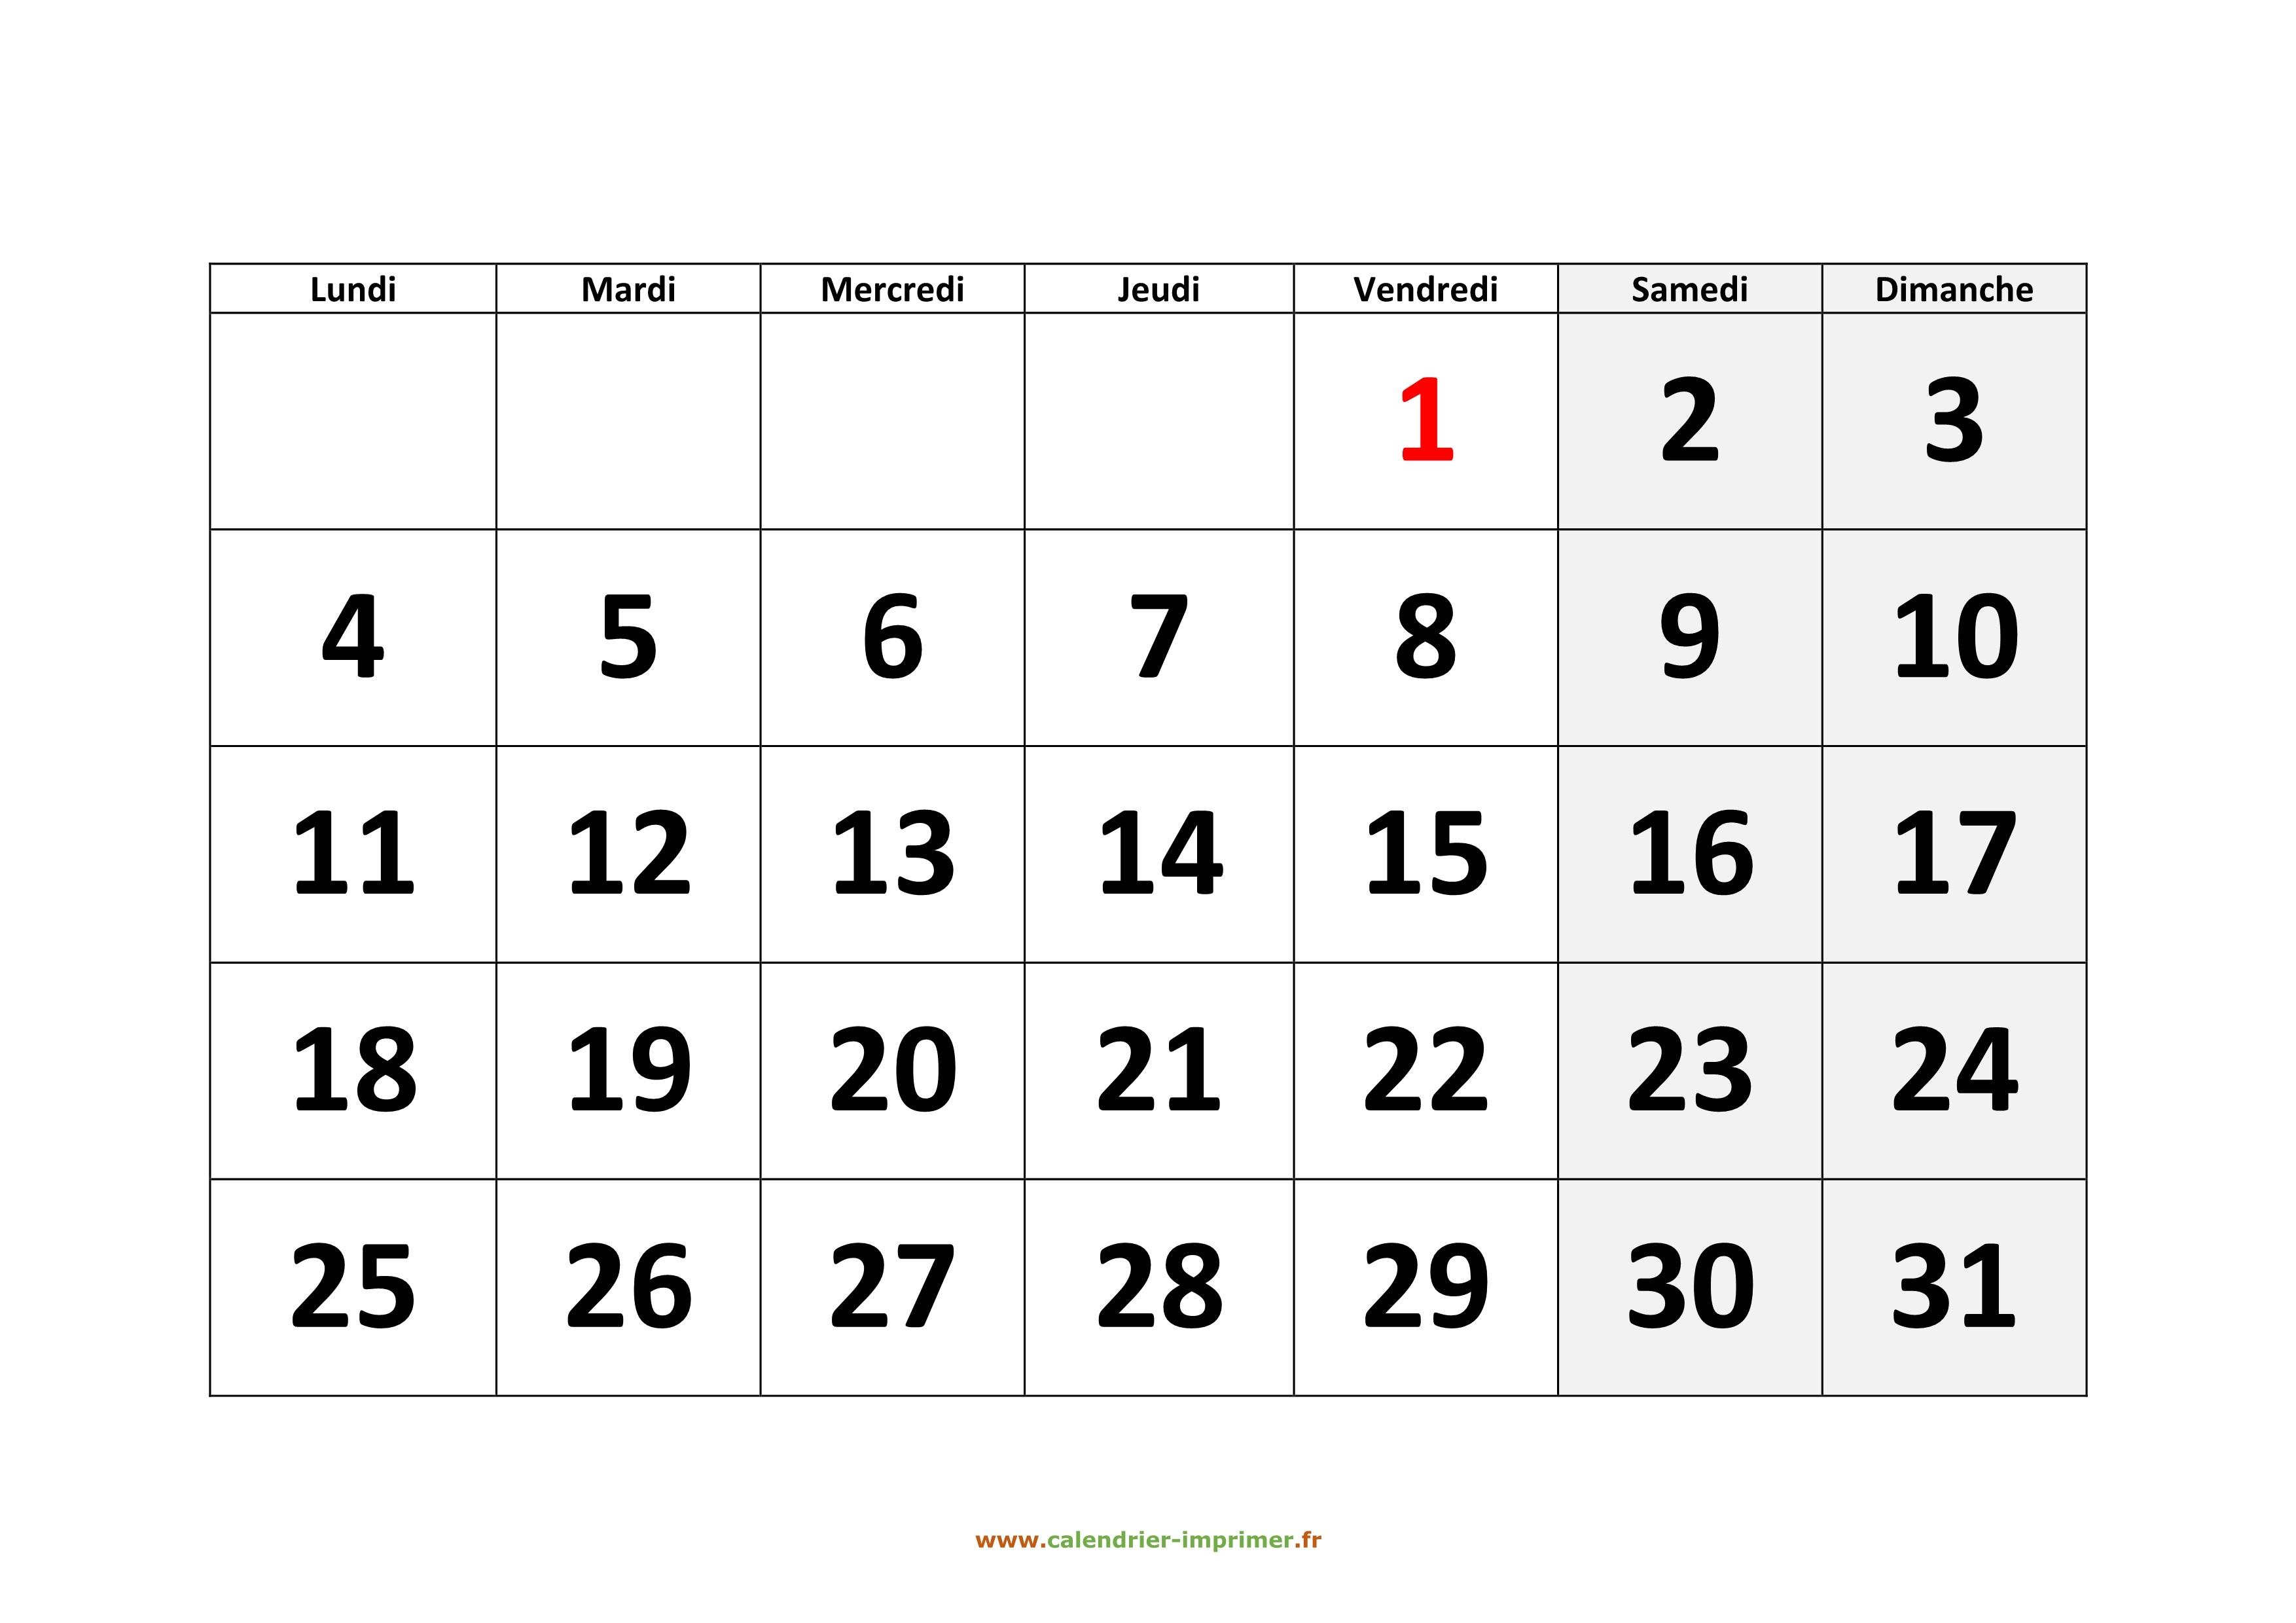 Calendrier Mensuel 2021 à Imprimer Calendrier 2021 à imprimer gratuit